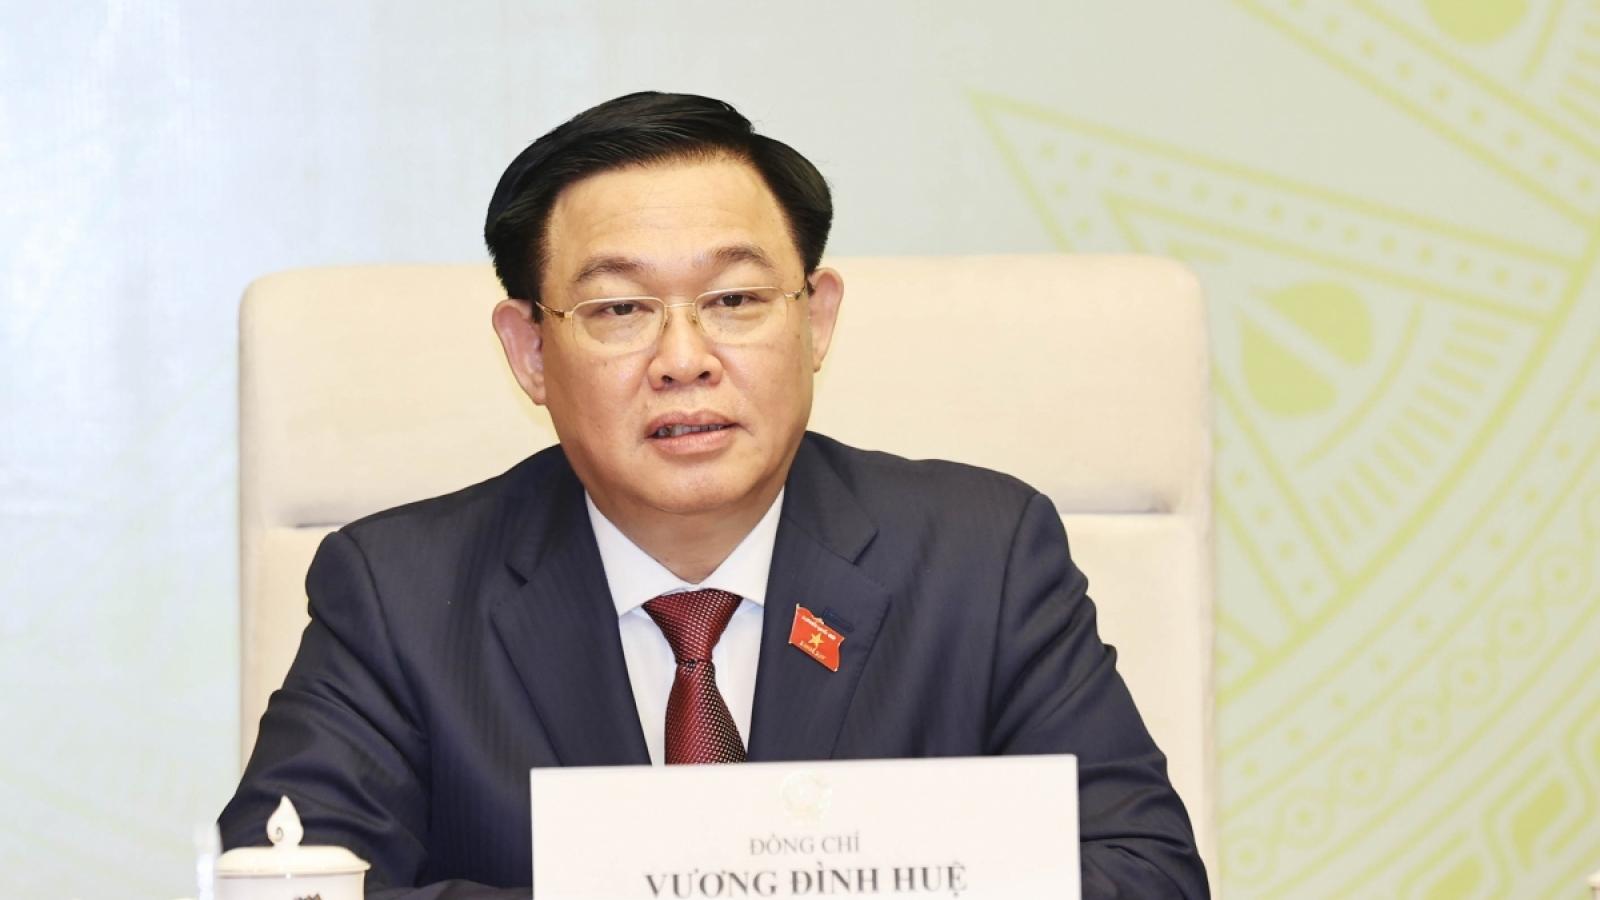 Chủ tịch Quốc hội Vương Đình Huệ làm việc với Ủy ban Quốc phòng và An ninh